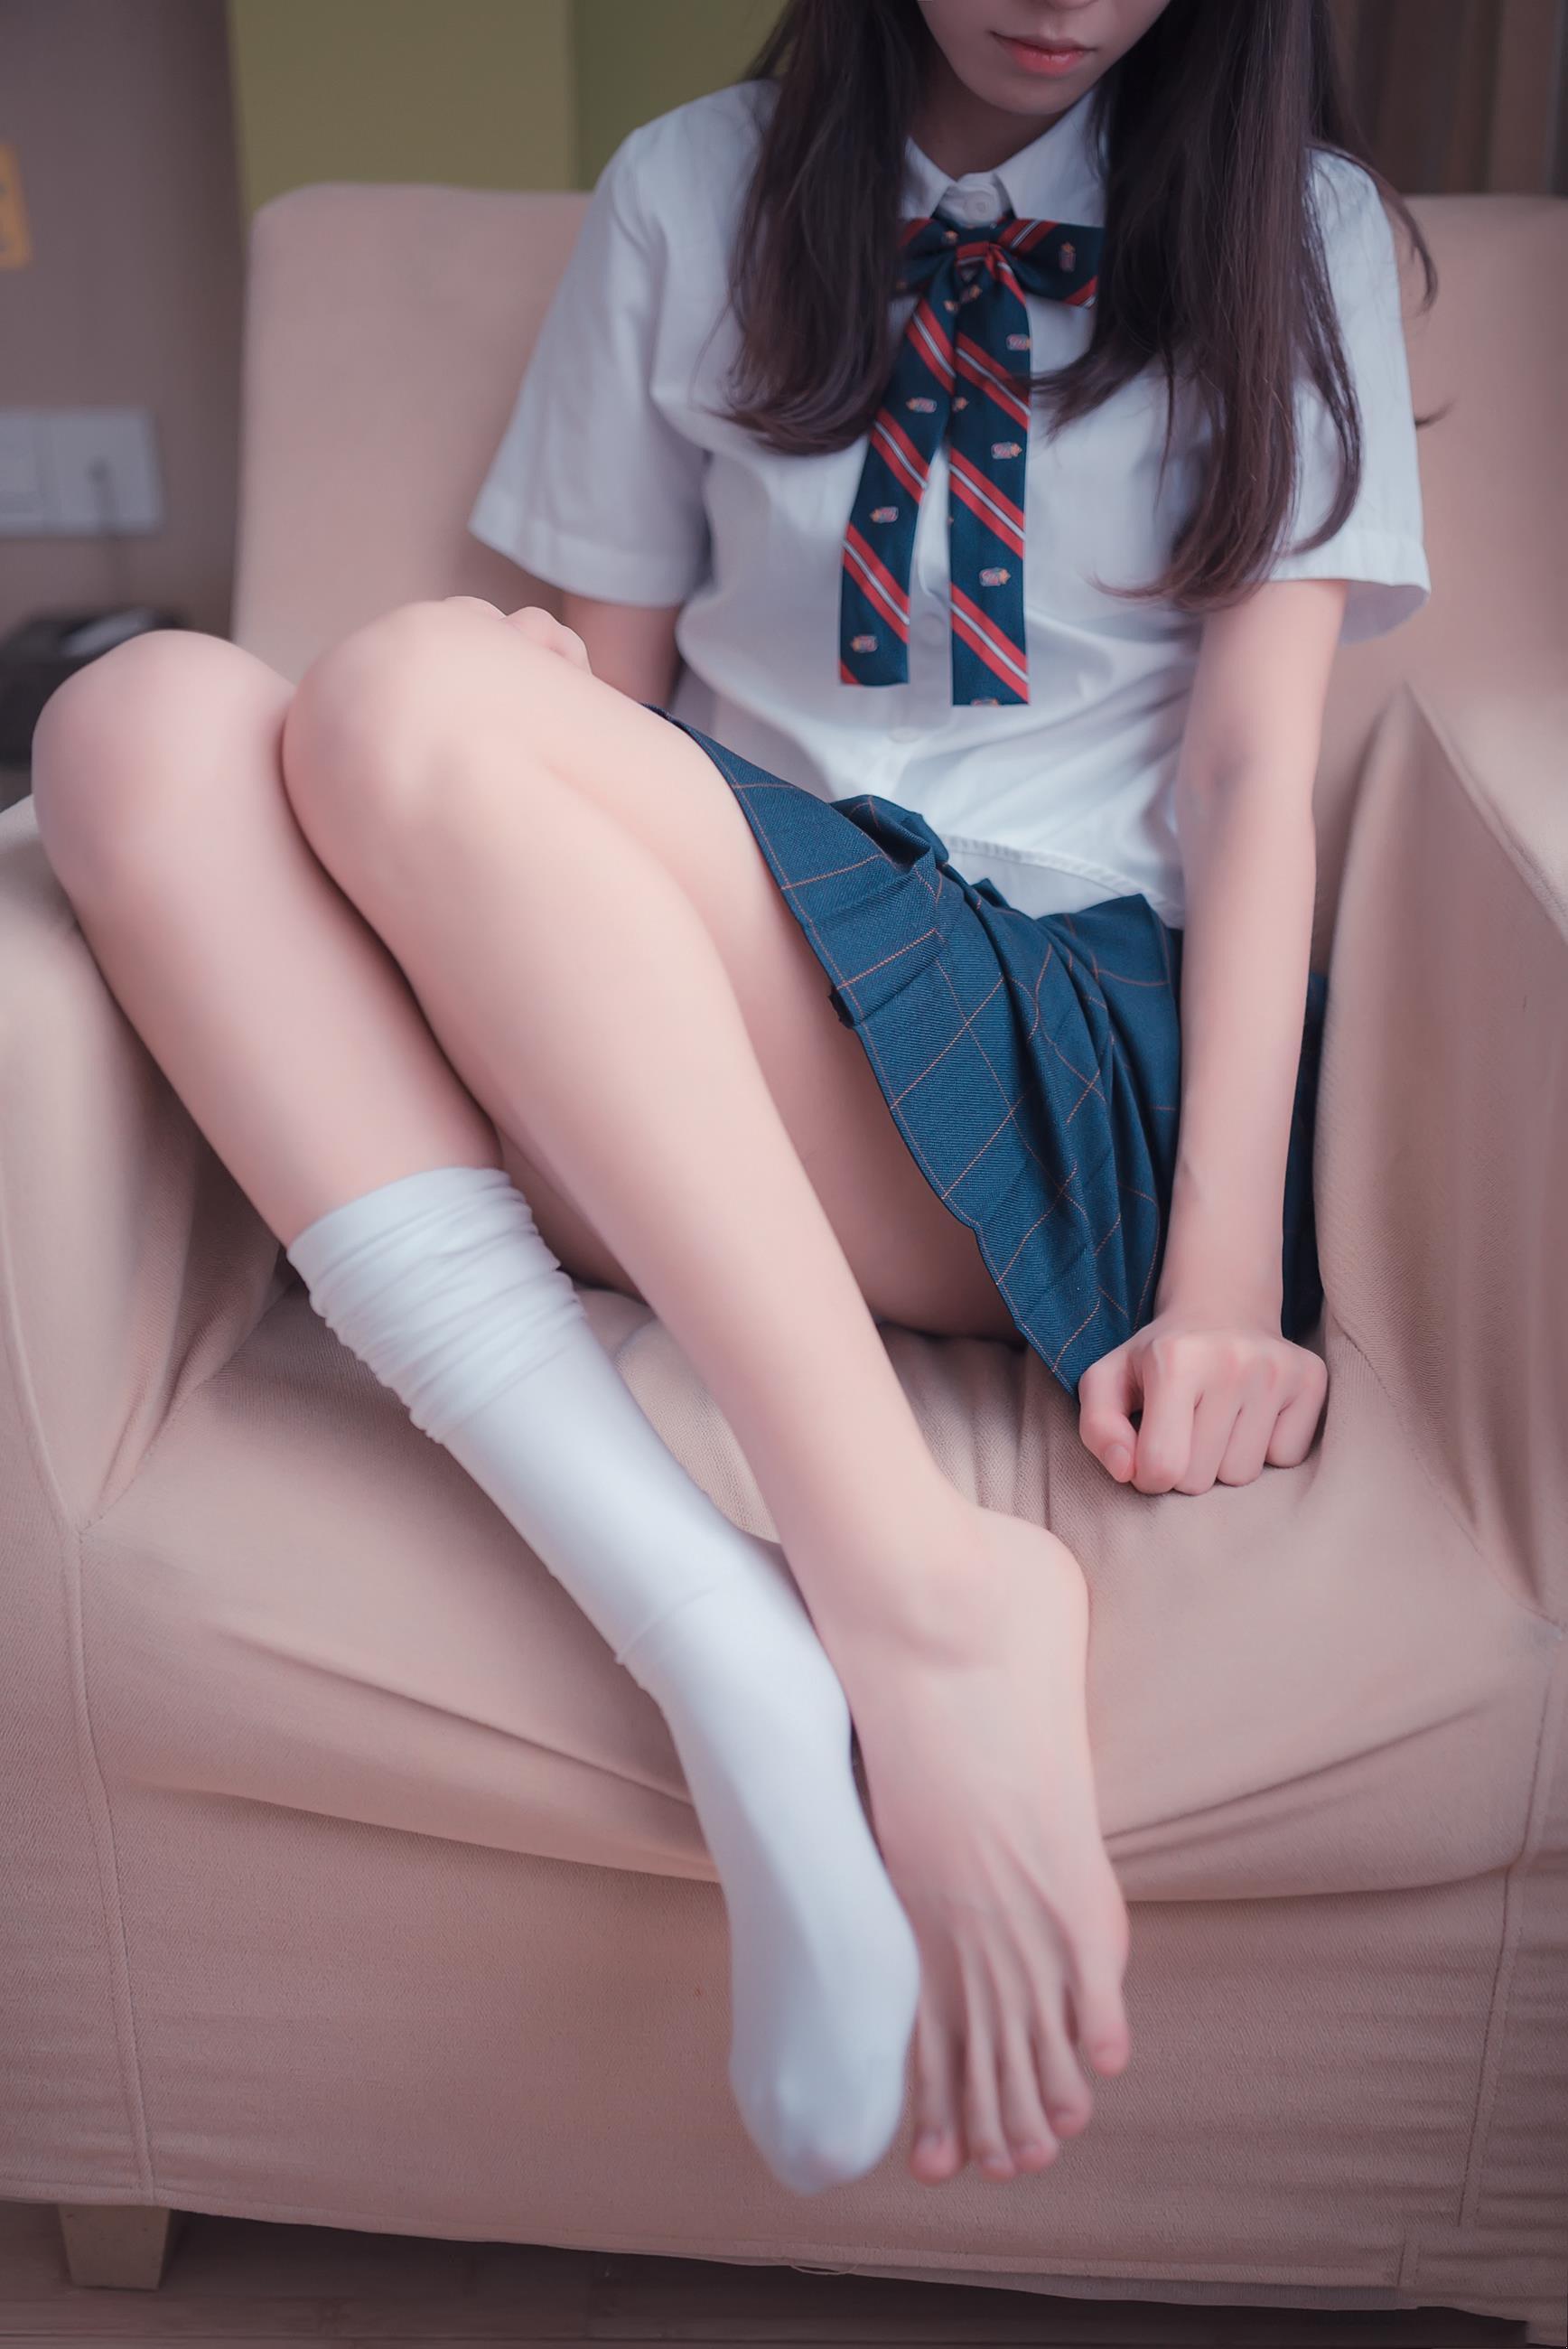 【风之领域0004】腿控福利-阳光派系校服装美少女,确定她不是来勾魂的?-蜜桃畅享